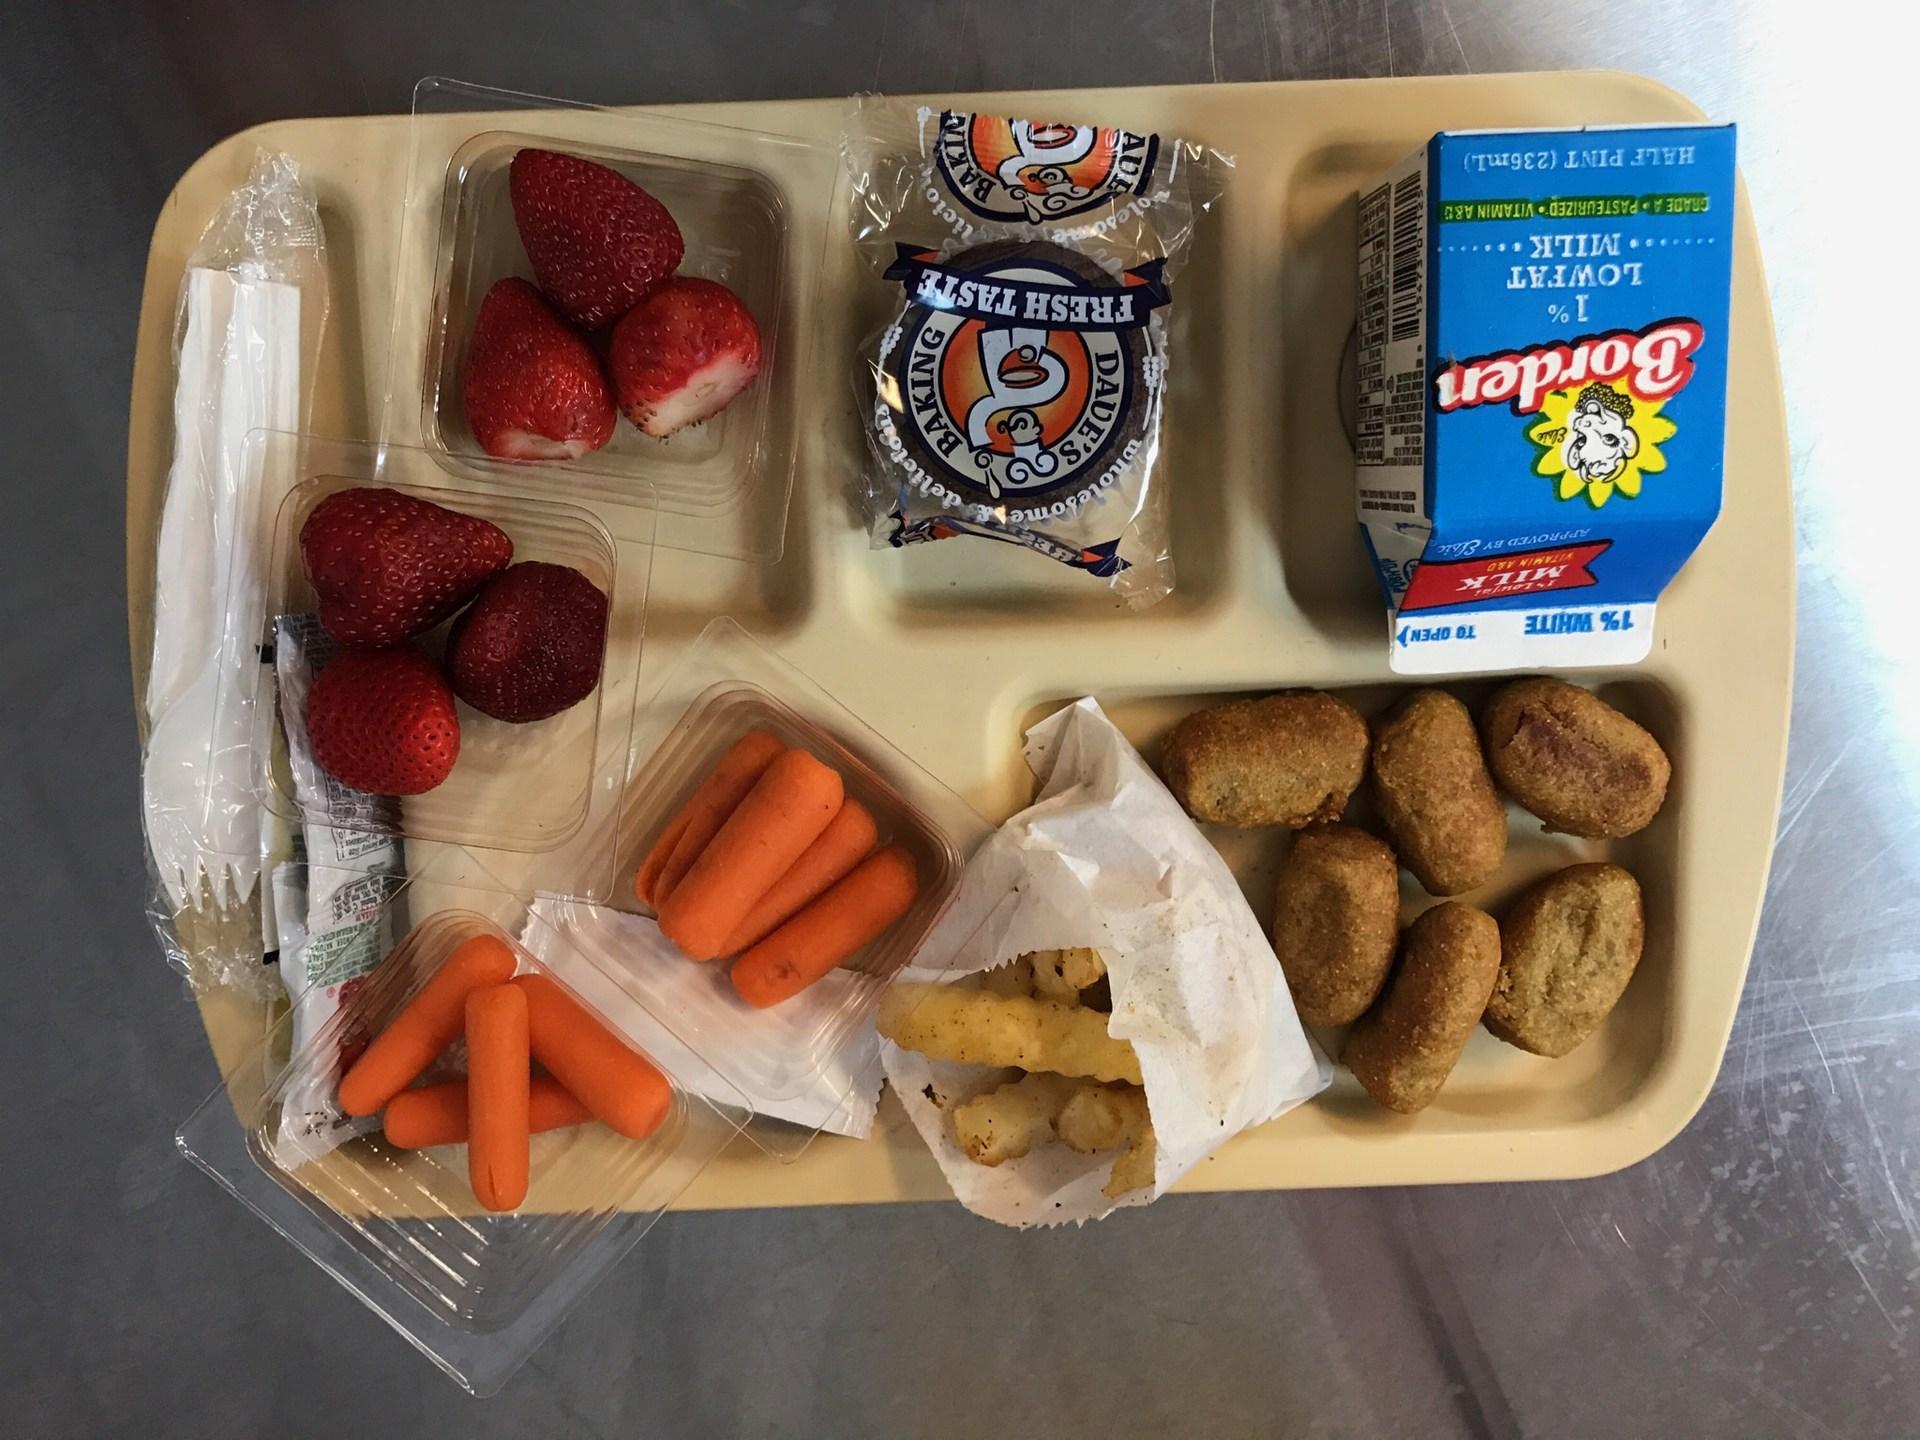 Corndog nuggets Lunch tray